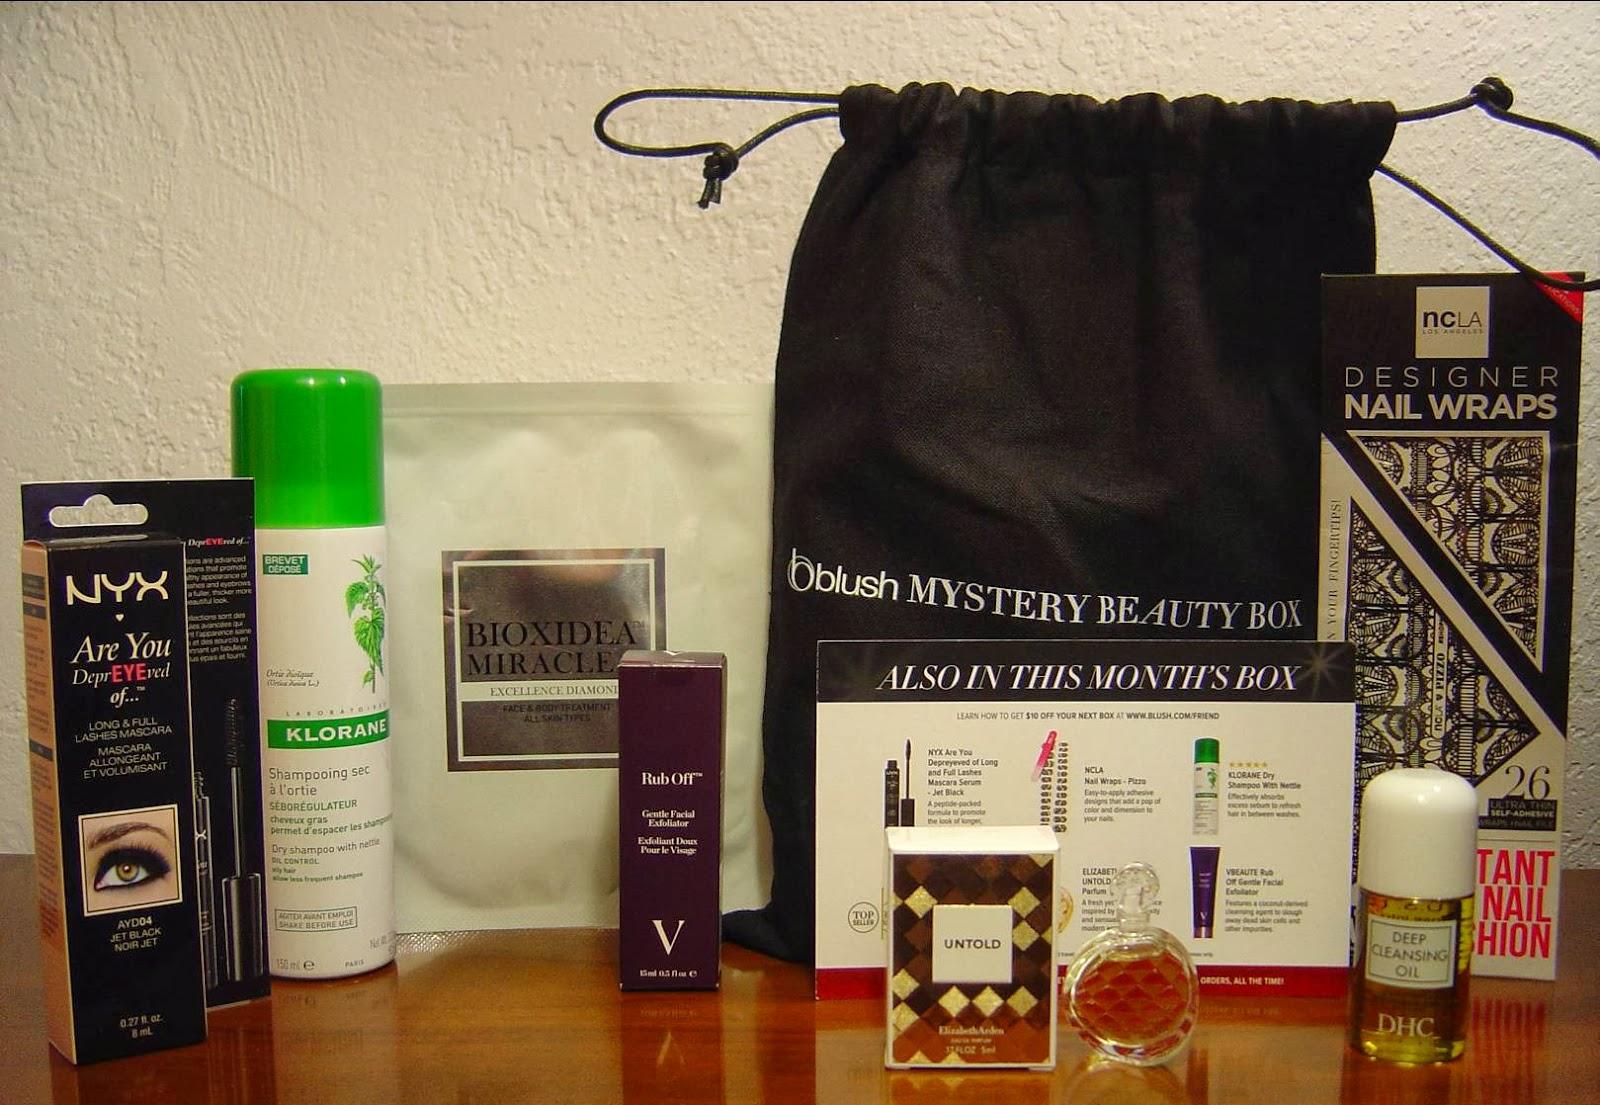 Blush Mystery Beauty Box February 2014.jpeg